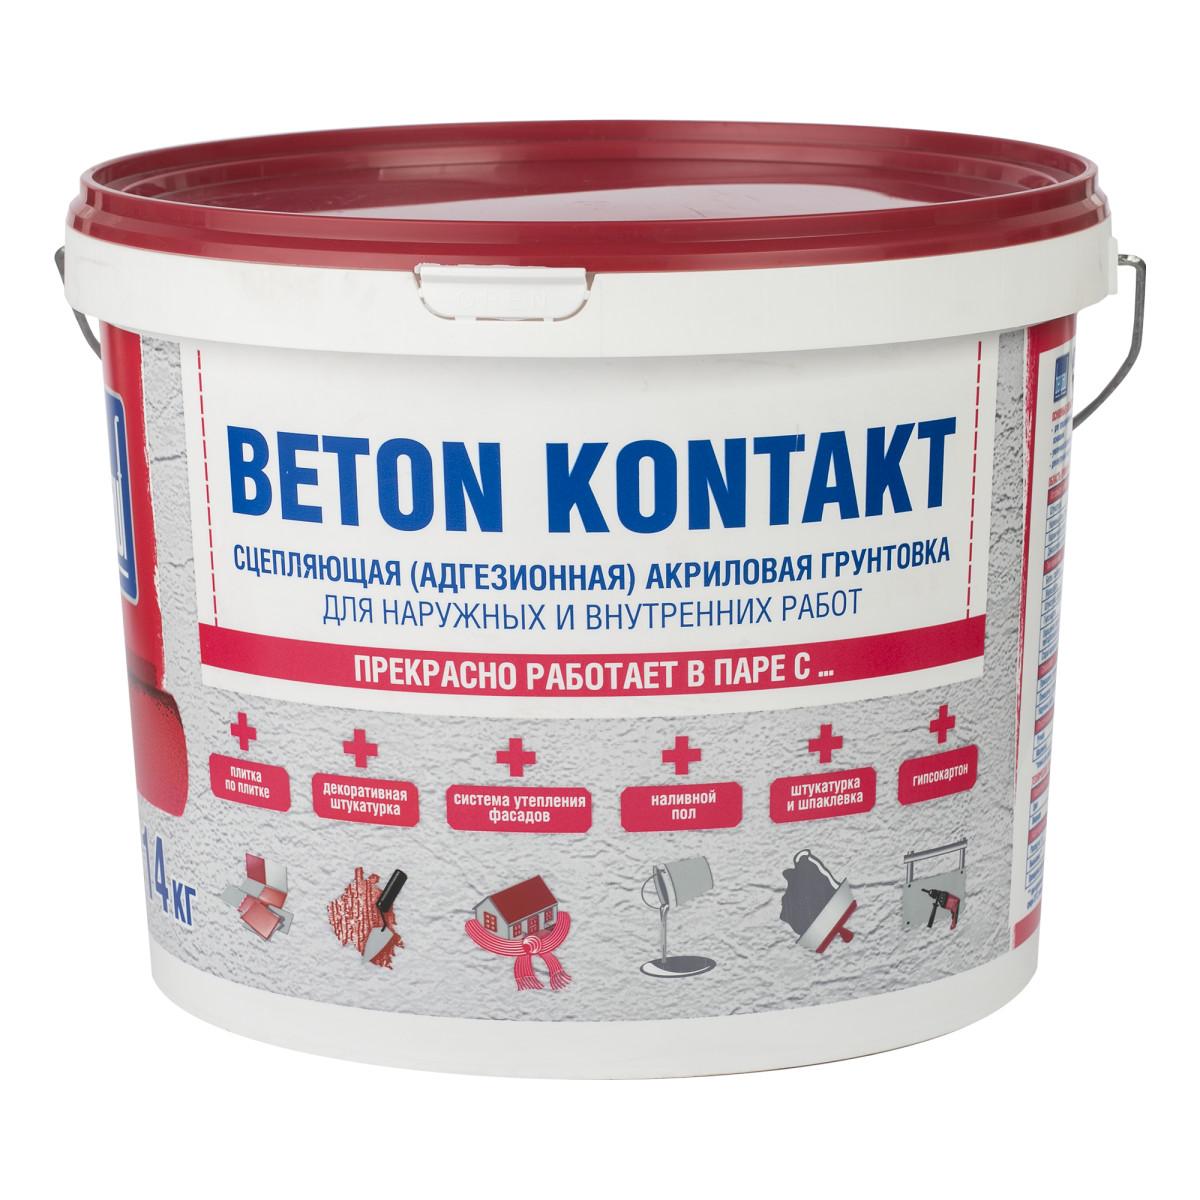 Бетон контакт купить челябинск раствор готовый кладочный цементный марки 50 цена м3